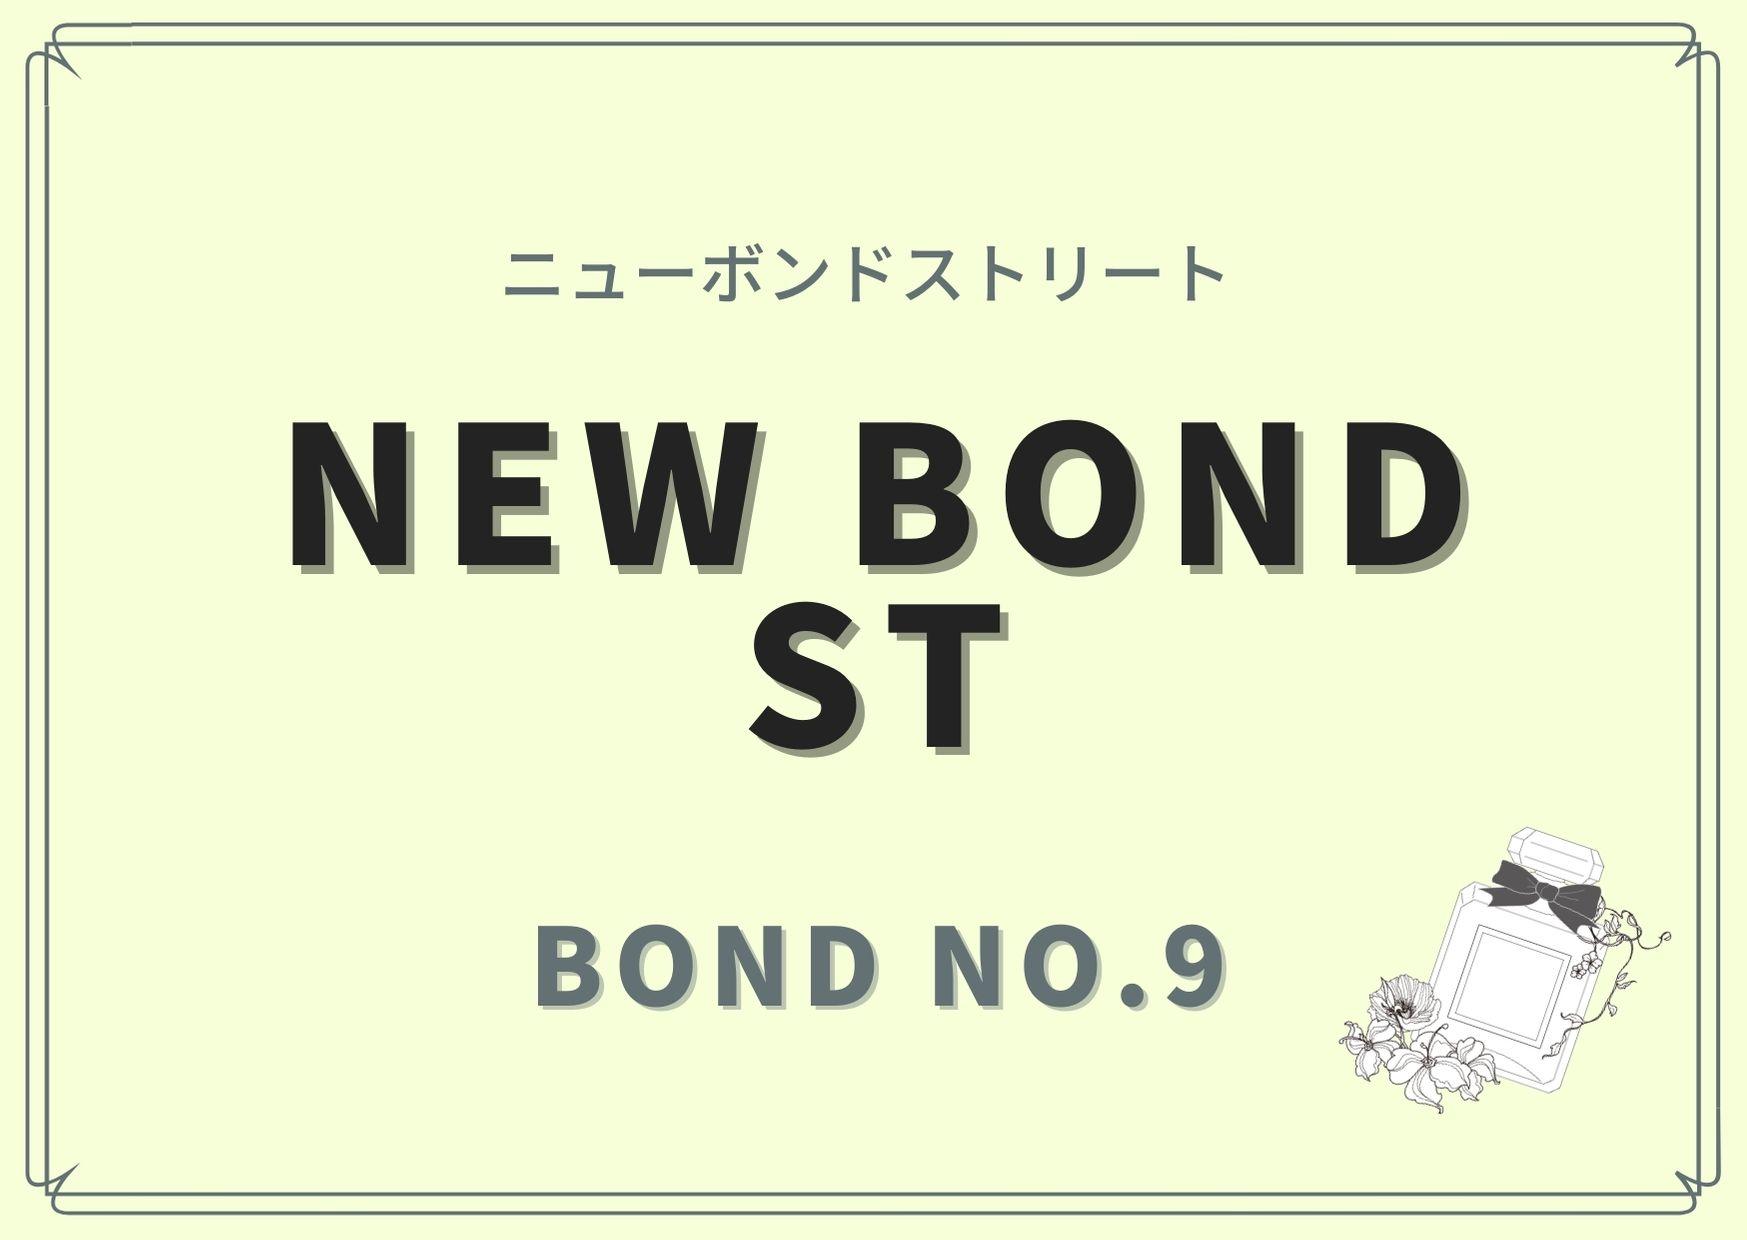 NEW BOND ST(ニューボンドストリート )/Bond No.9(ボンドナンバーファイブ)